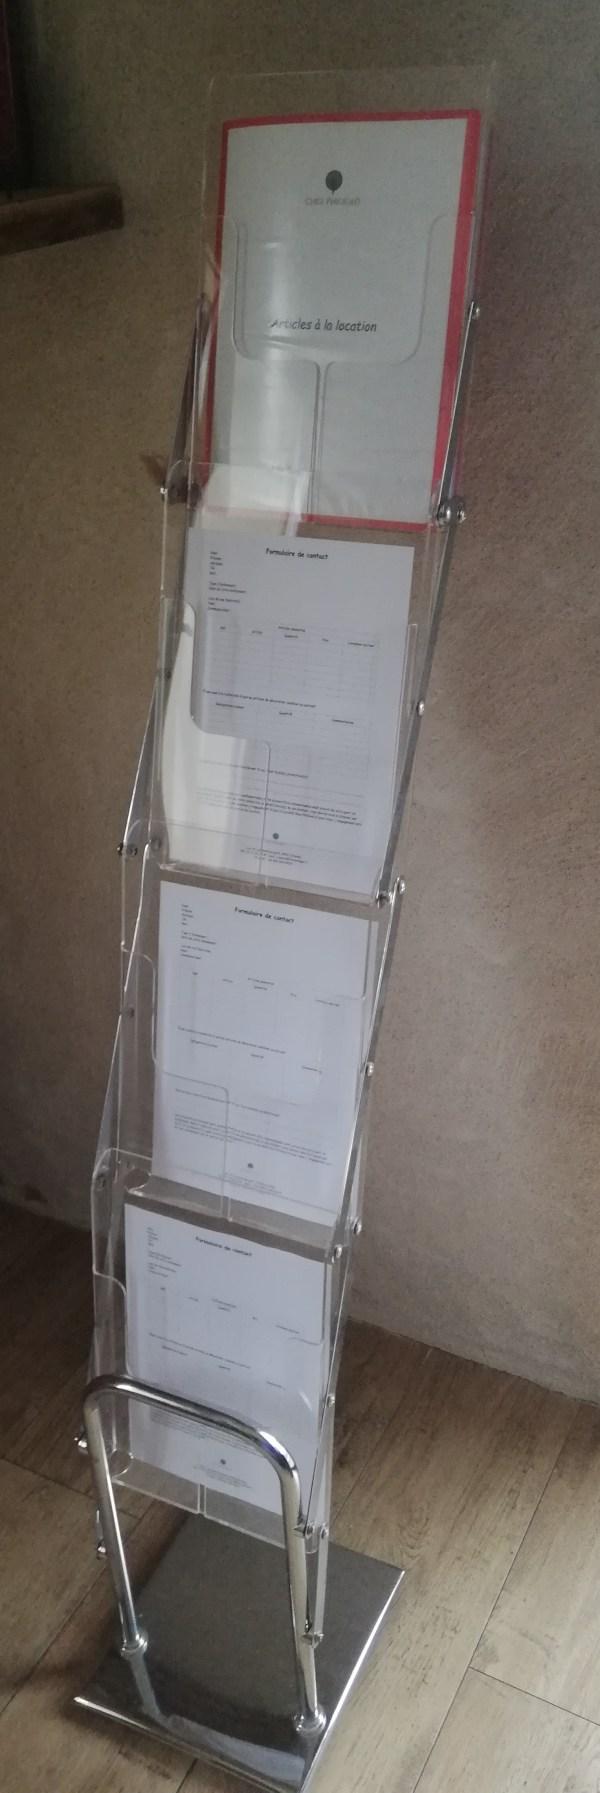 Porte document pliable